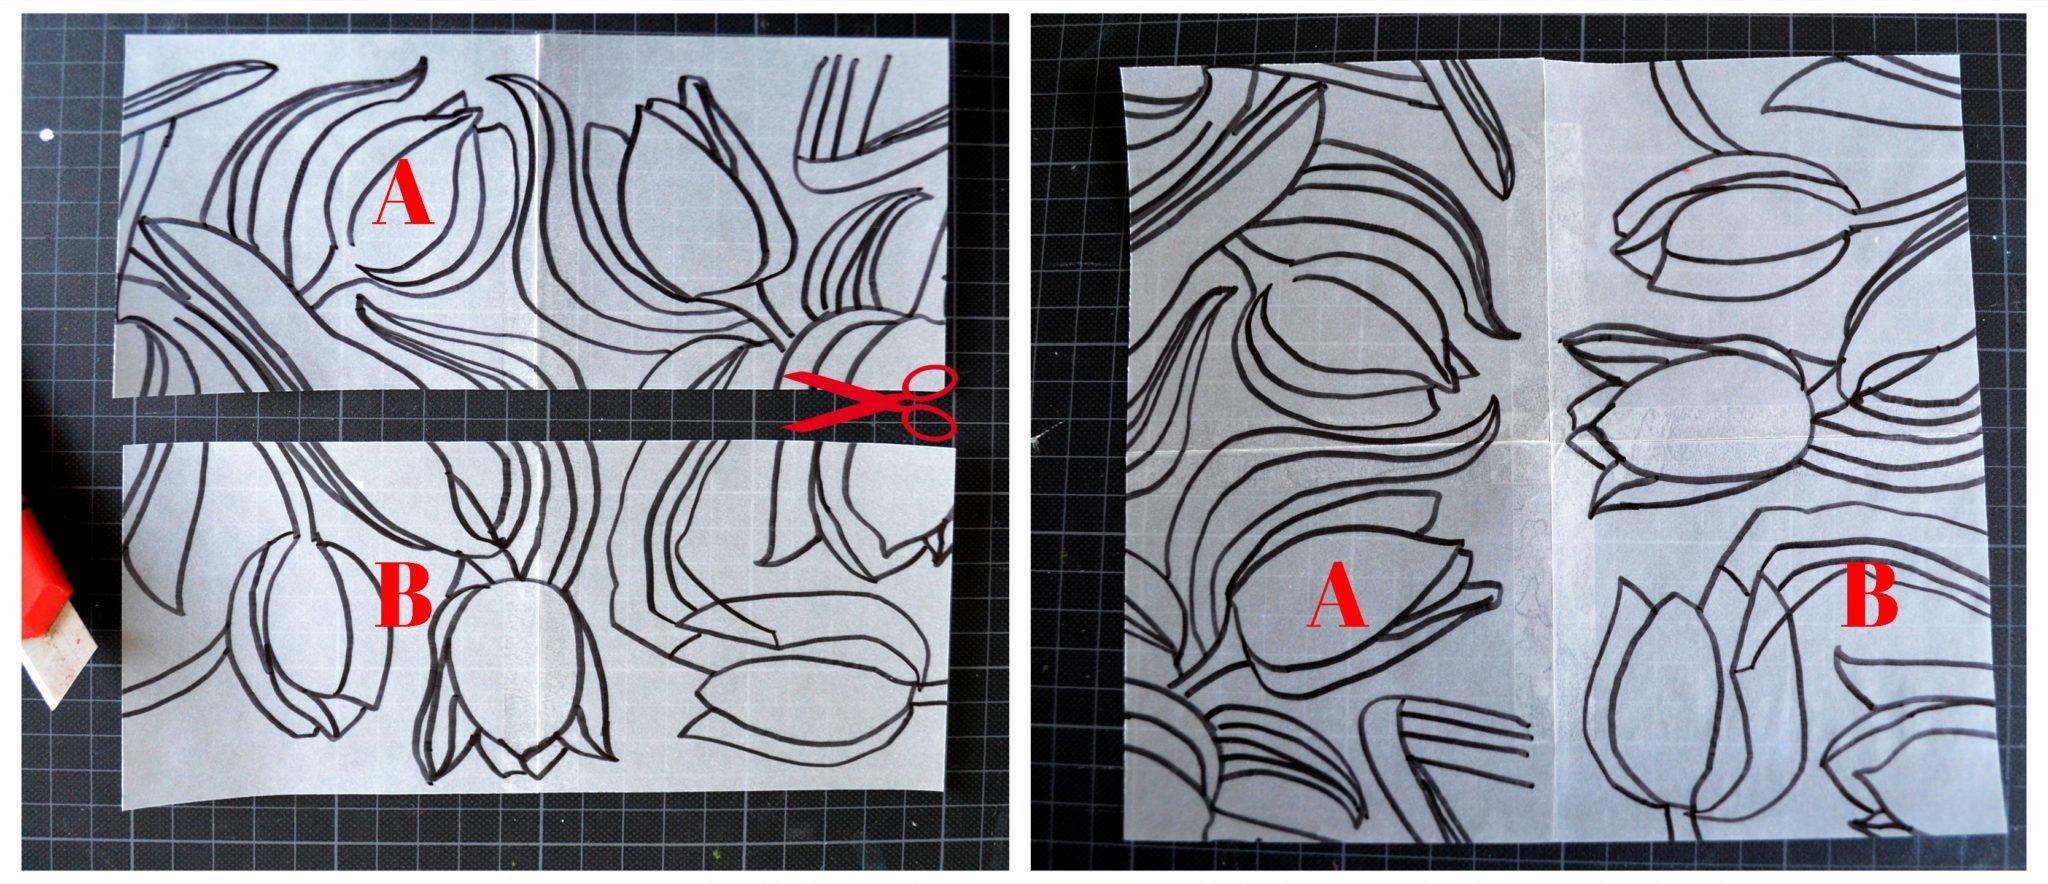 Rapport von Hand zeichnen Schritt3